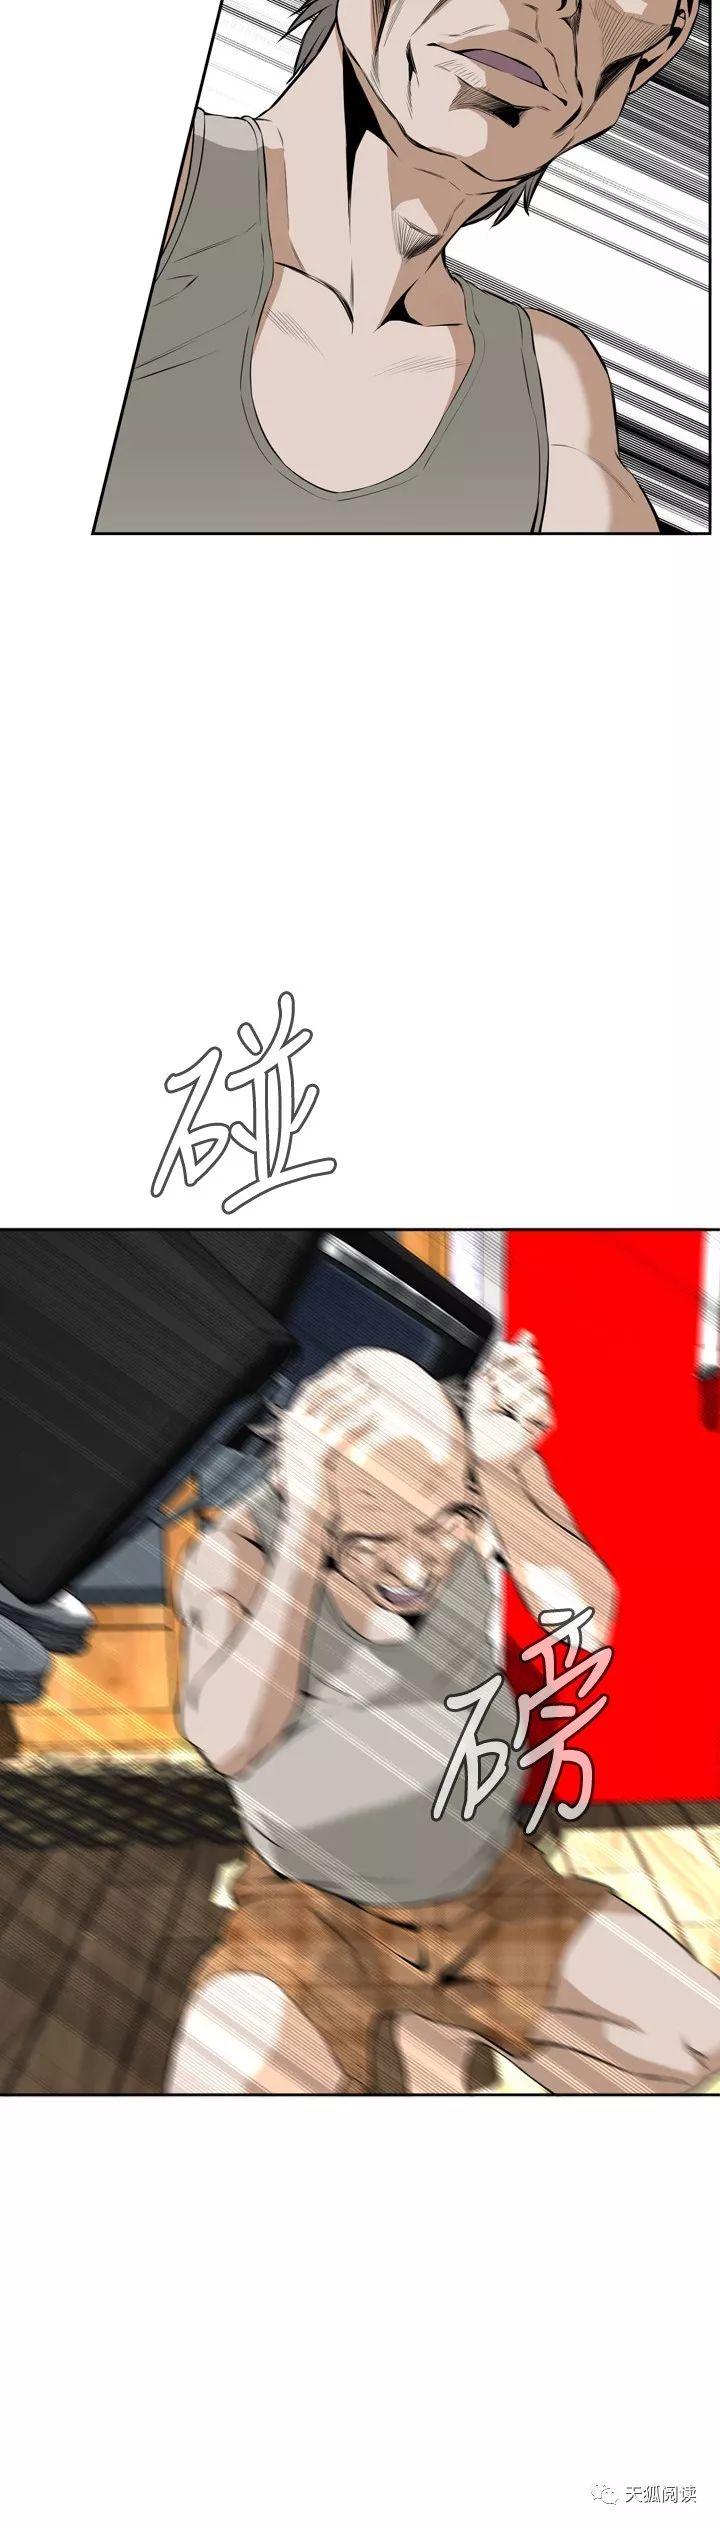 恋爱漫画:窥视者 第49到51话 -天狐阅读